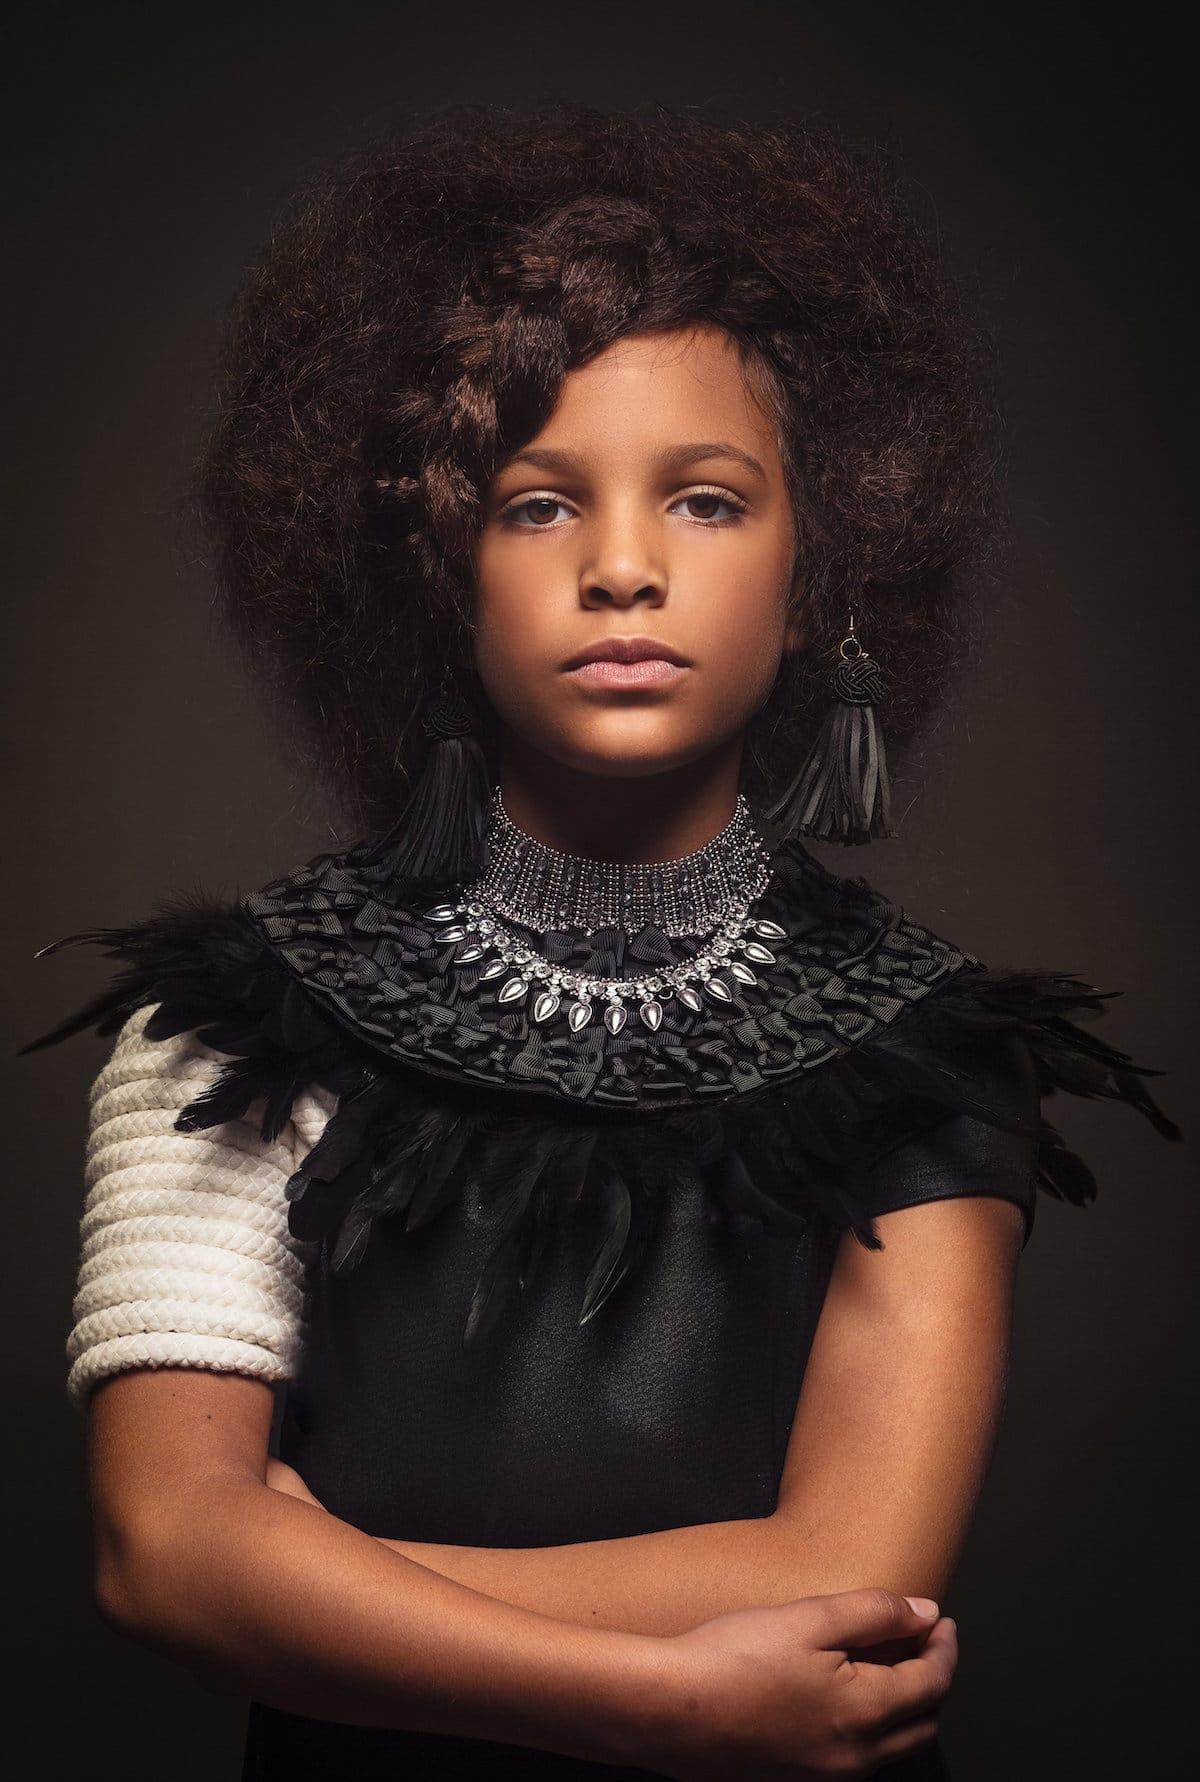 აფრიკული ვარცხნილობა, აფრიკული სტილი, აფროამერიკული ვარცხნილობა, აფრო არტი, აფრო სტილი, ვარცხნილობა, ბლოგი, მოდა, დიზაინი, ქველი, qwelly, qwellygraphy, fashion, blog, afrostyle, afrofashion, afro art